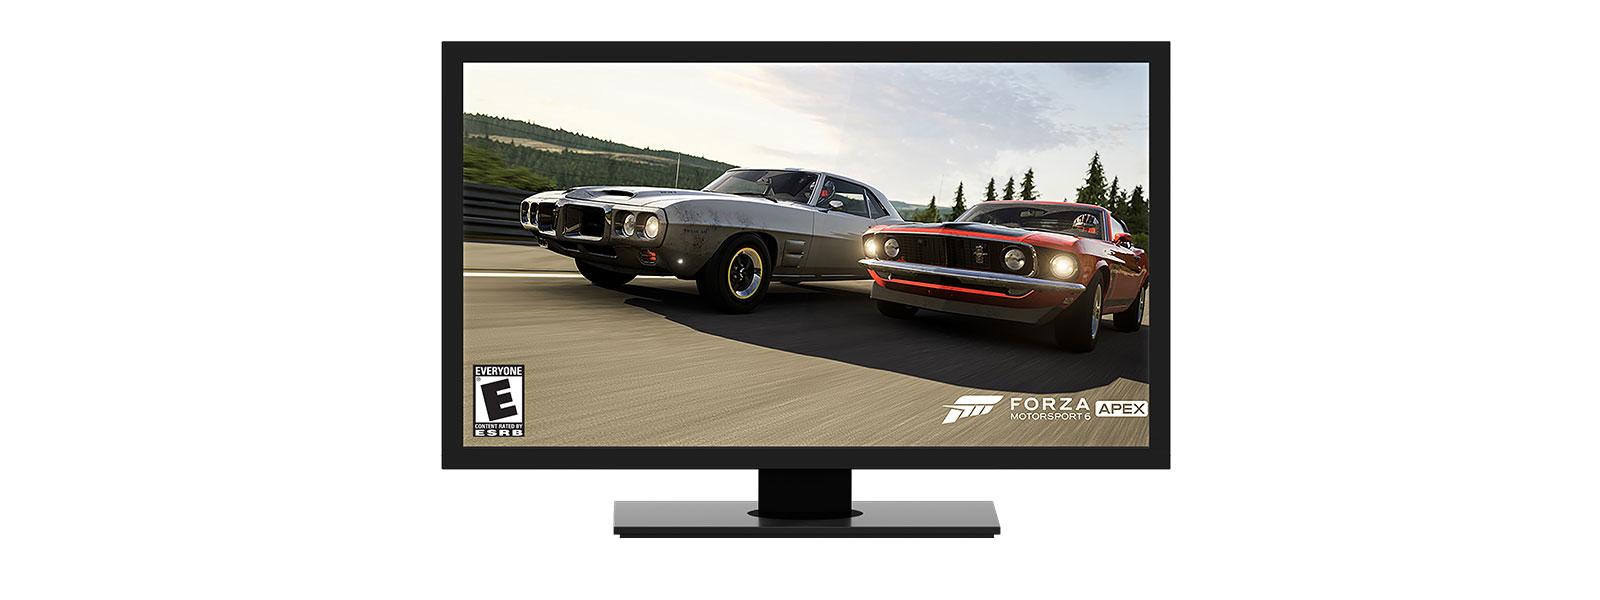 Windows 桌面電腦上的 Forza 遊戲